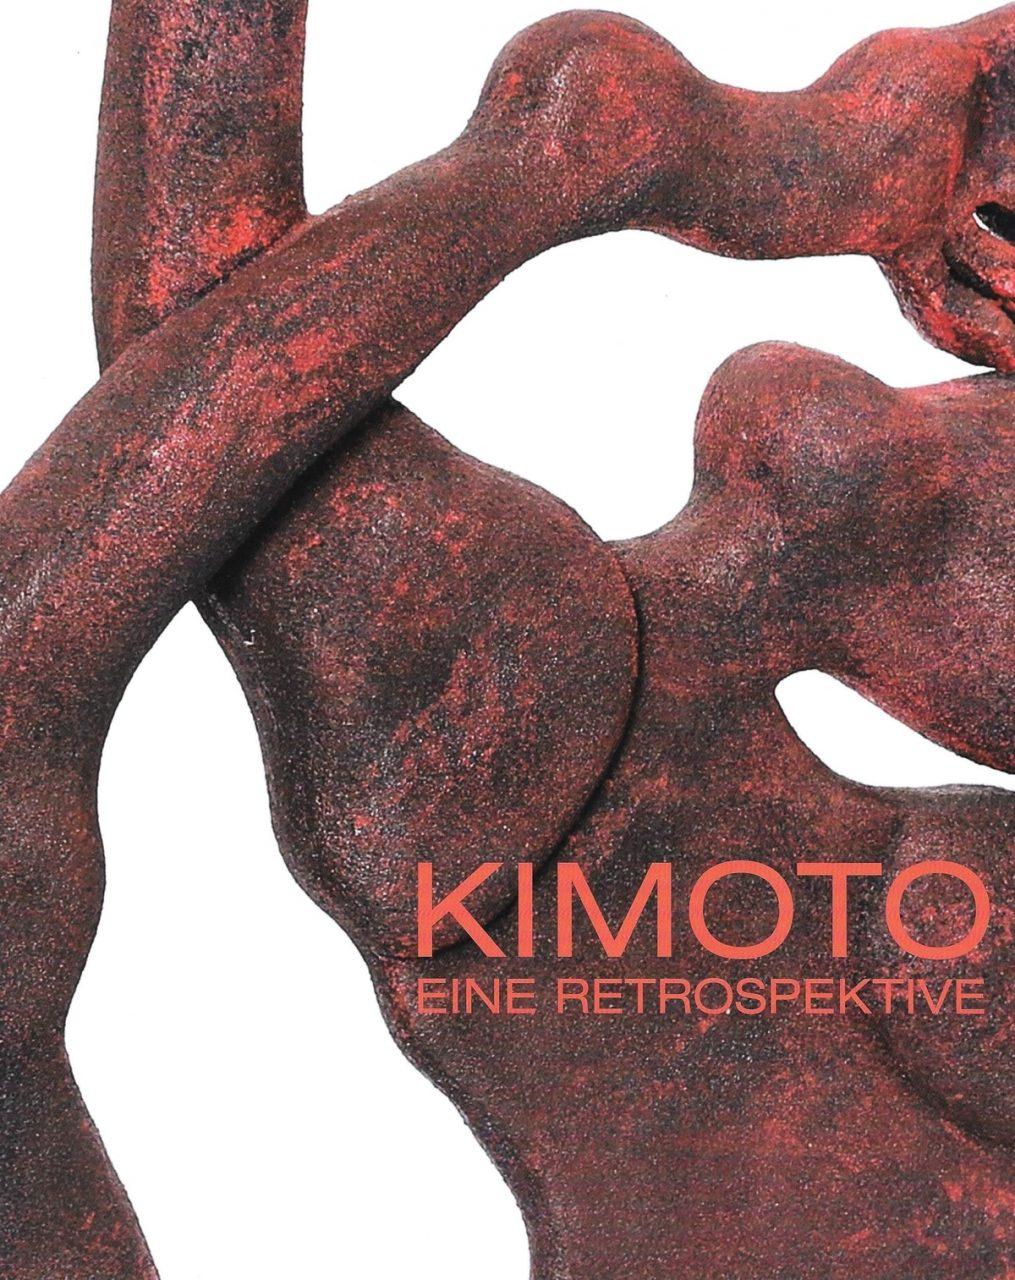 KIMOTO. EINE RETROSPEKTIVE